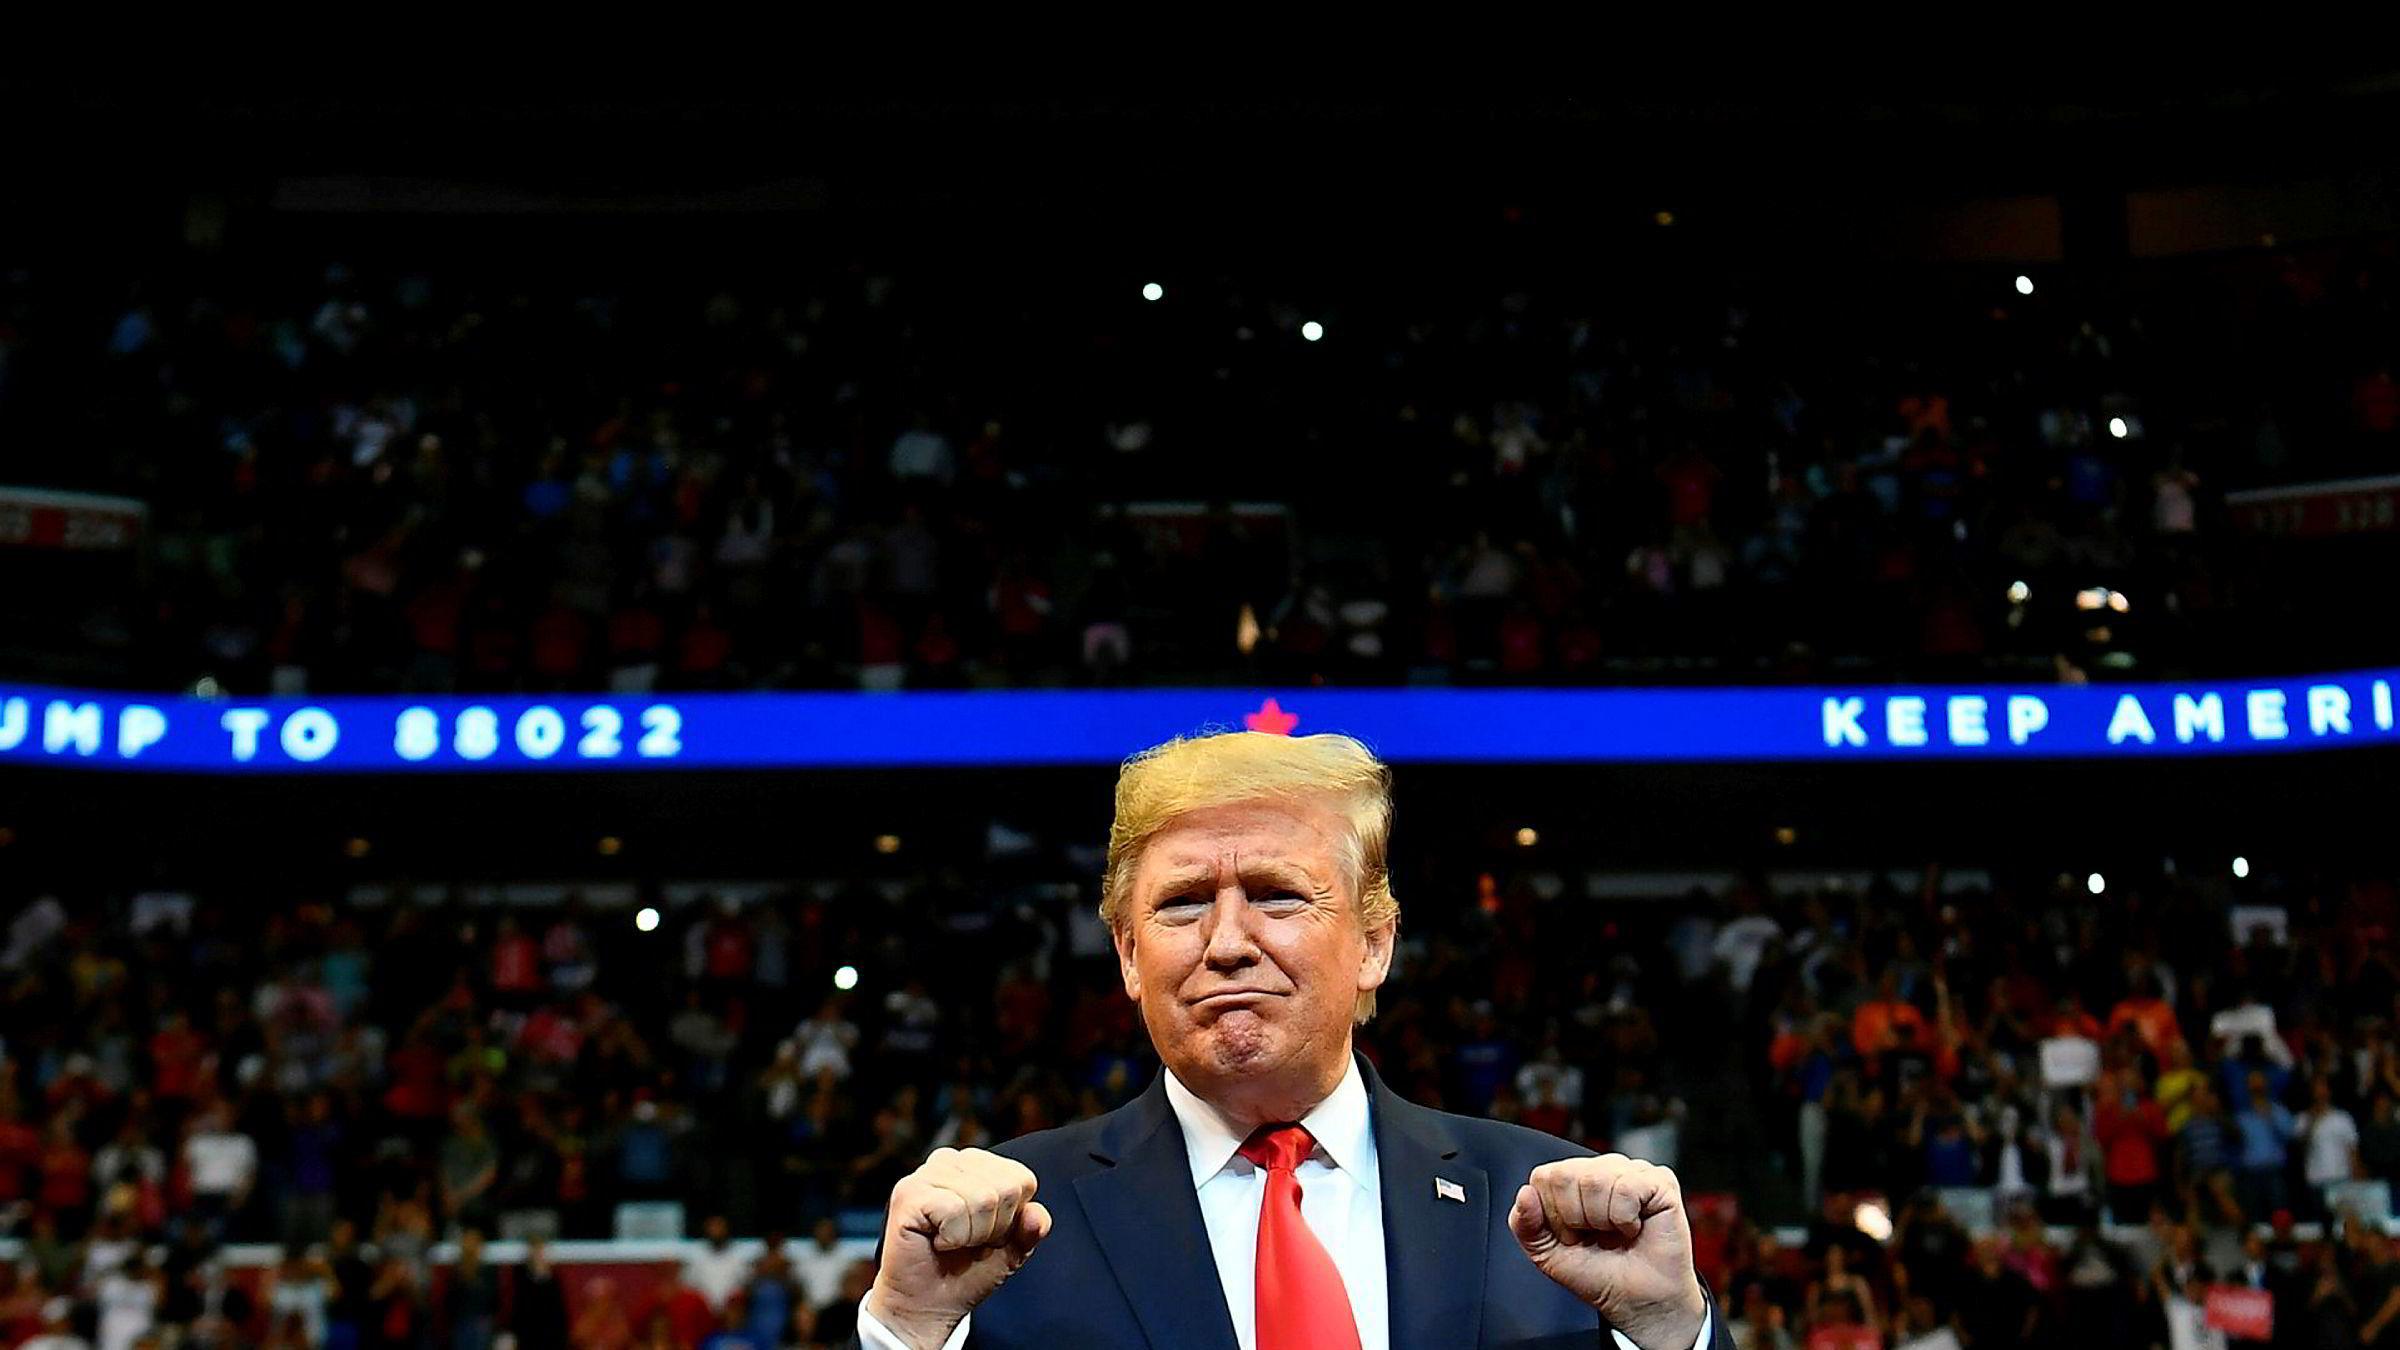 Journalister fra Bloomberg News vil ikke få adgang til flere av Donald Trumps valgmøter.